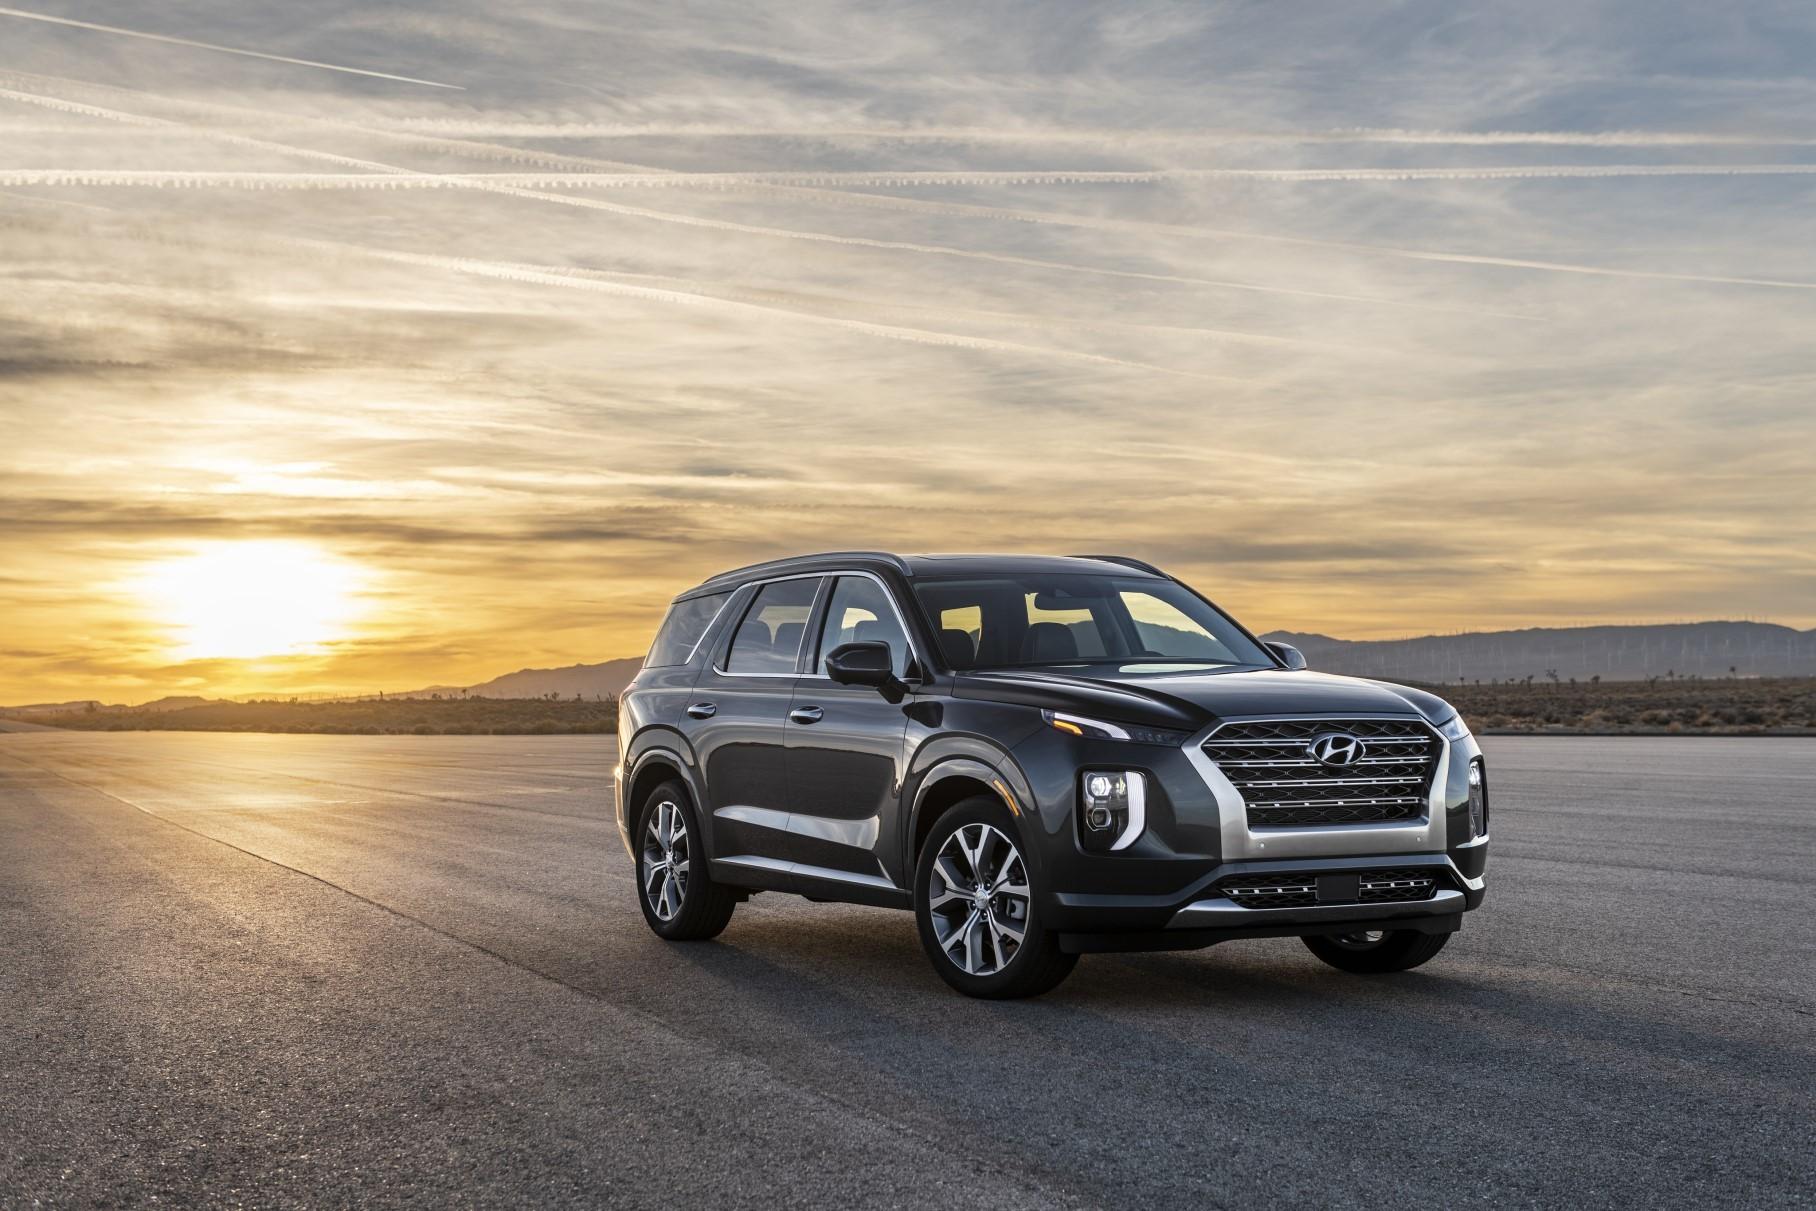 Hyundai привезет в Россию в 2020 году четыре новинки: Solaris, Creta, Tuscon и Palisade